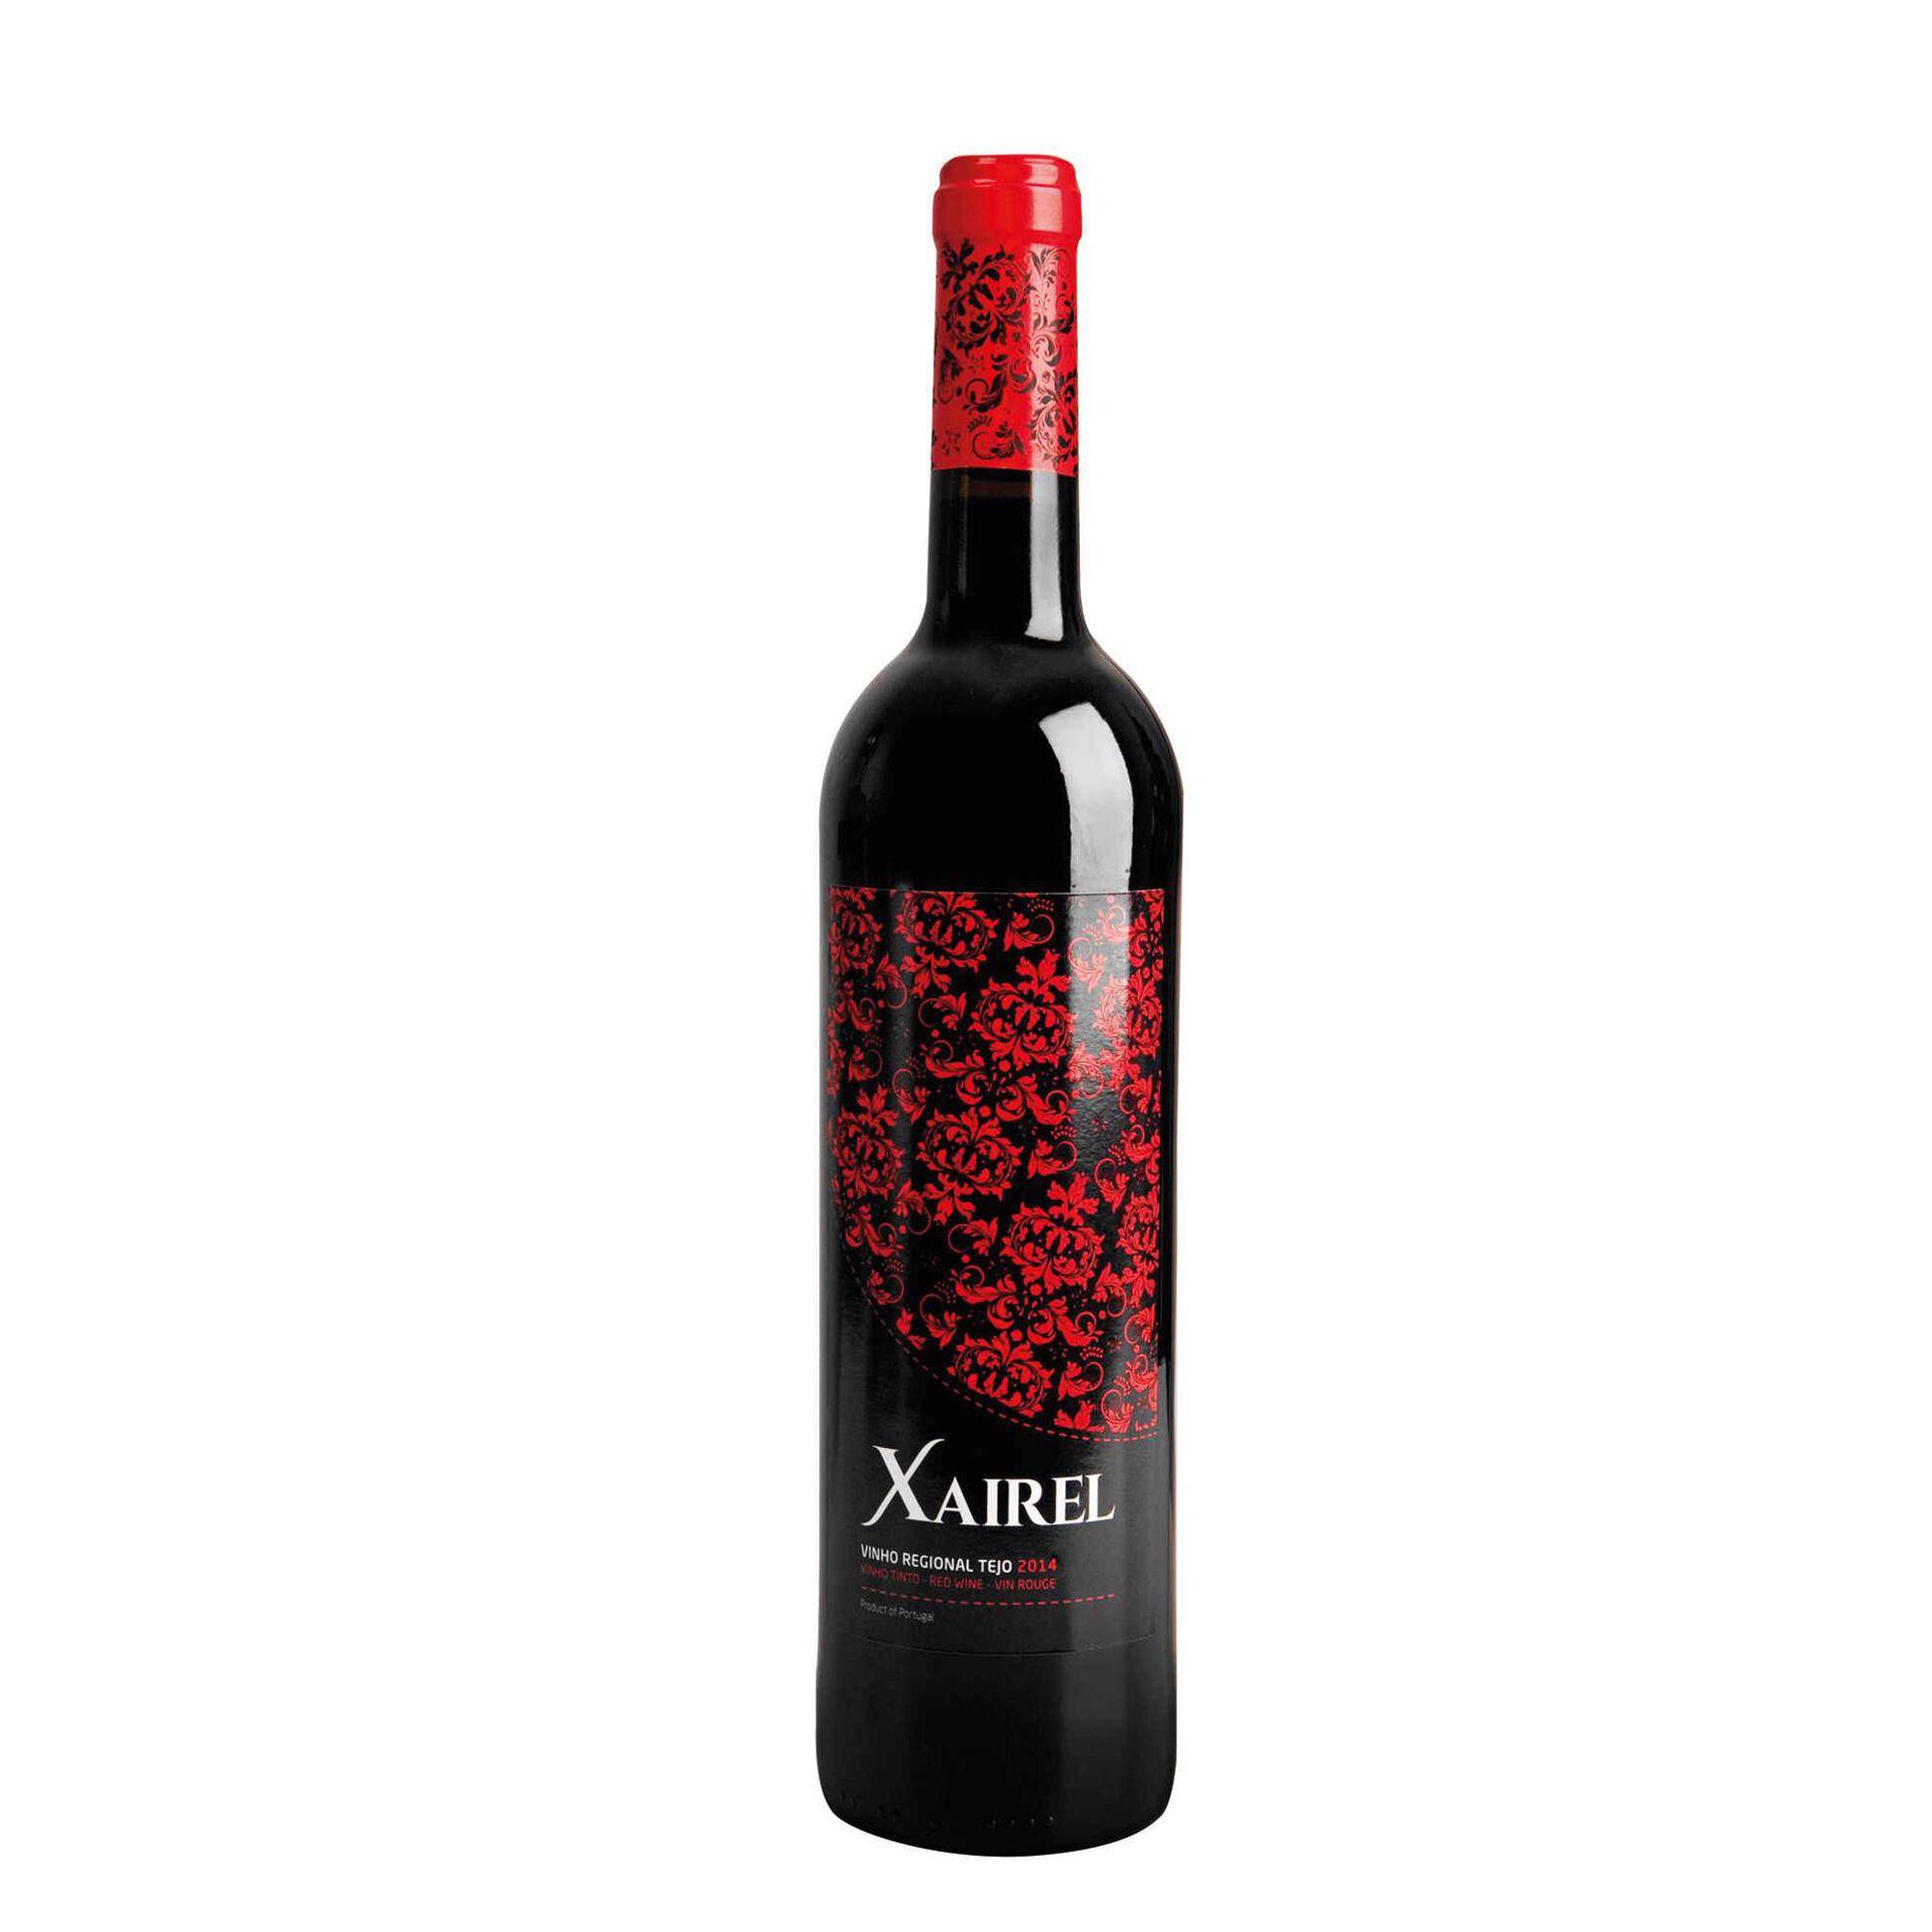 Xairel Regional Tejo Vinho Tinto